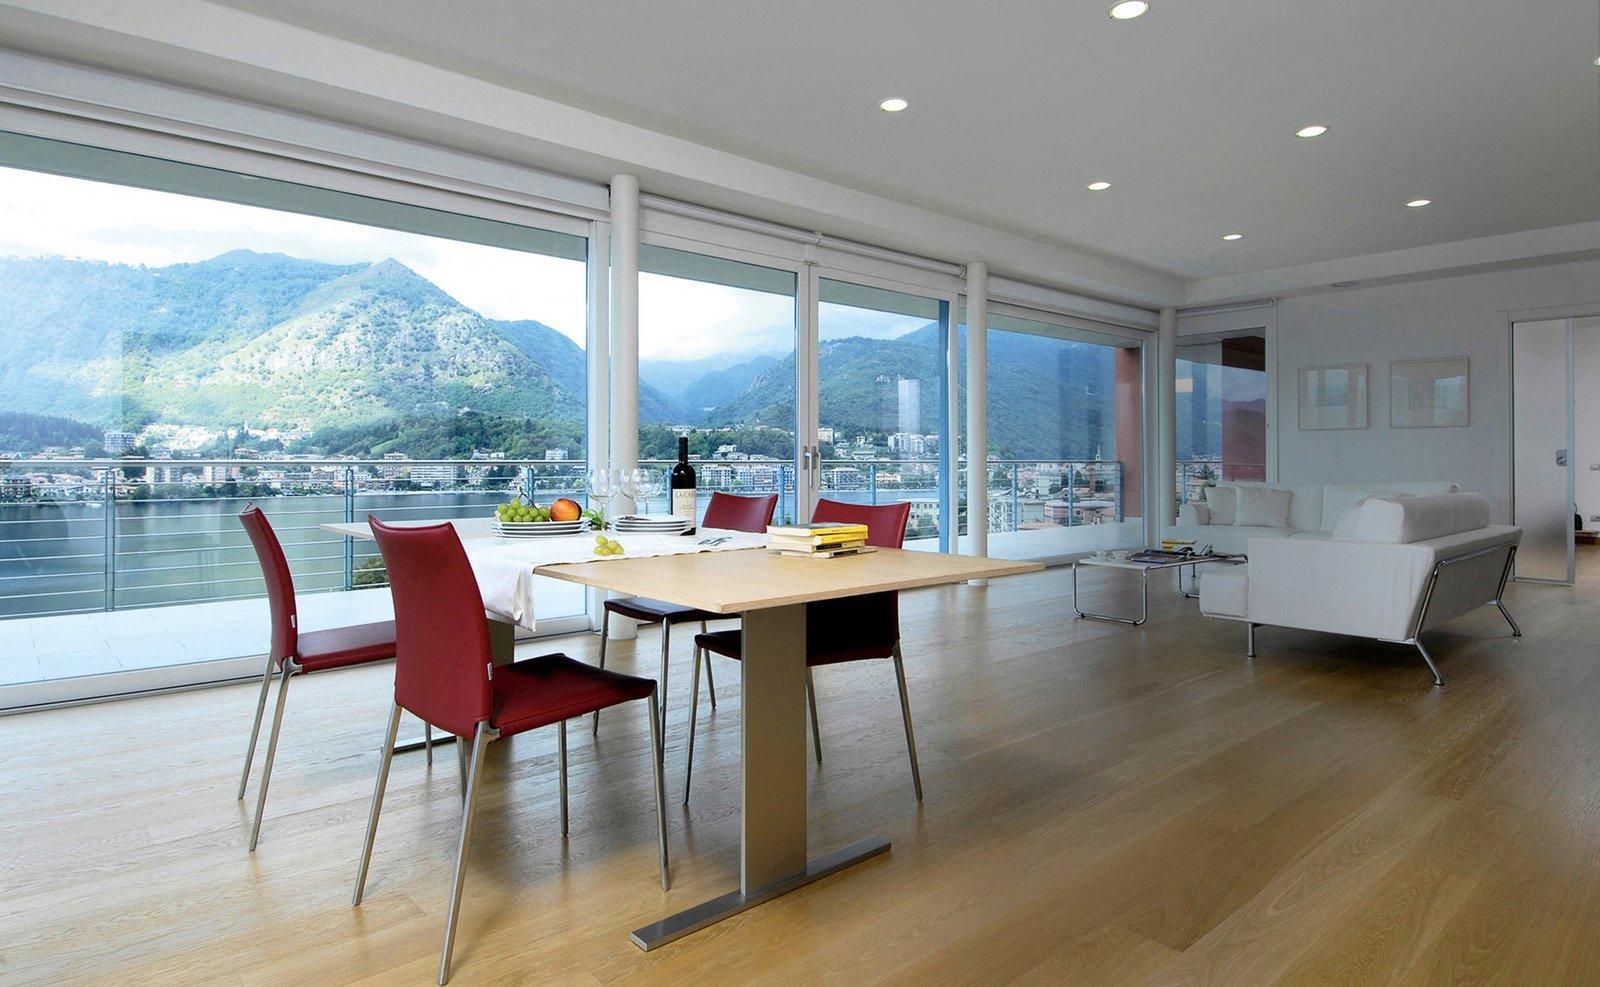 finestra: quale materiale preferire - cose di casa - Porte In Legno Di Design Di Alta Sicurezza